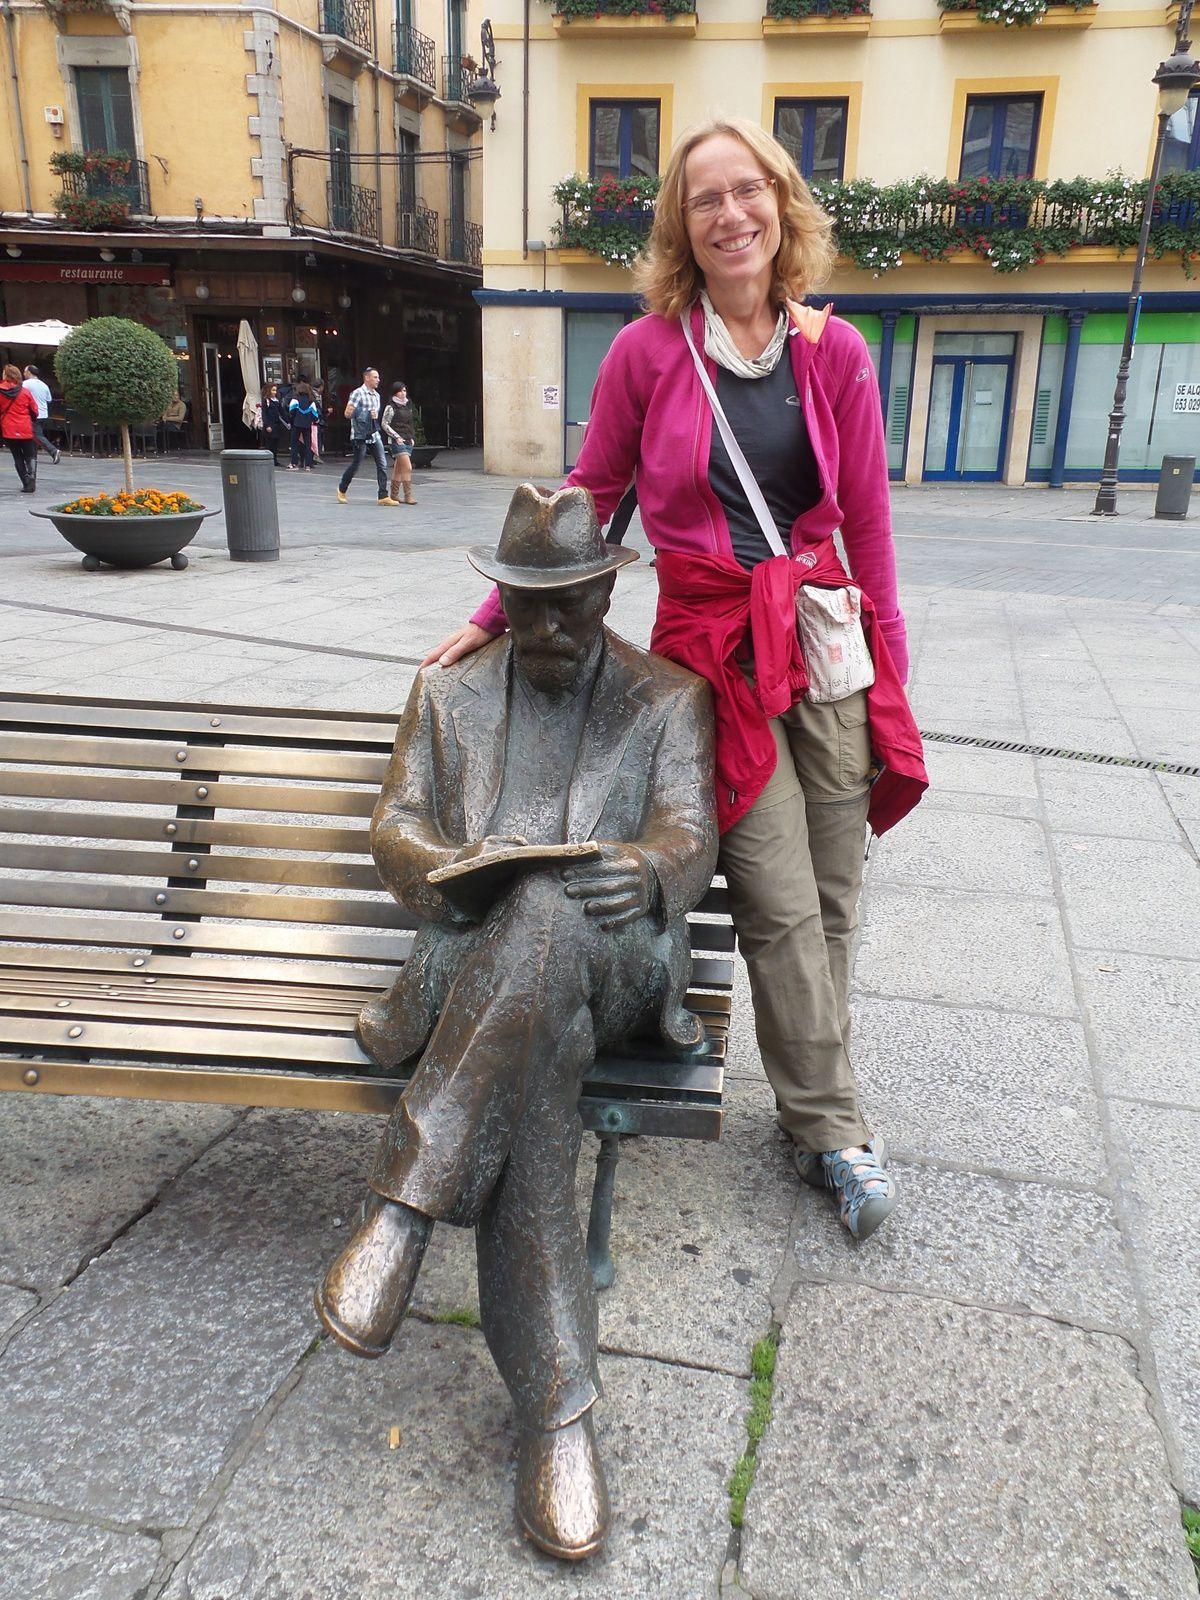 Le célèbre architecte Gaudi et son oeuvre